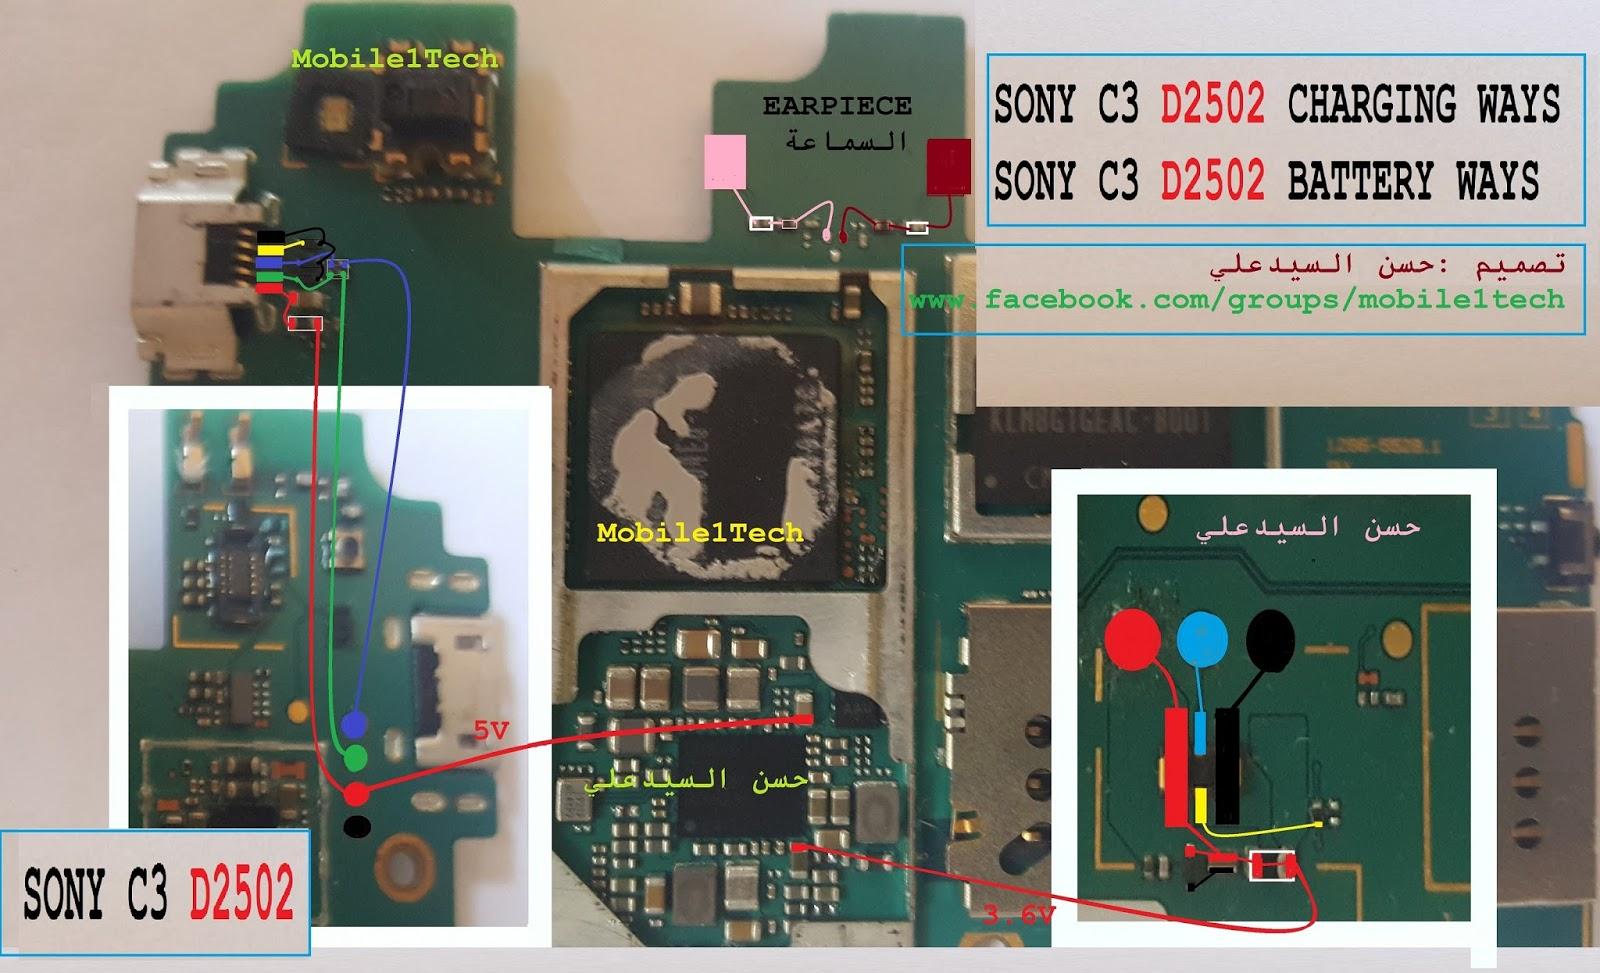 حصري : بعض الحلول المهمة لهواتف سوني Z ULTRAZ2M2C3  الصفحة 1